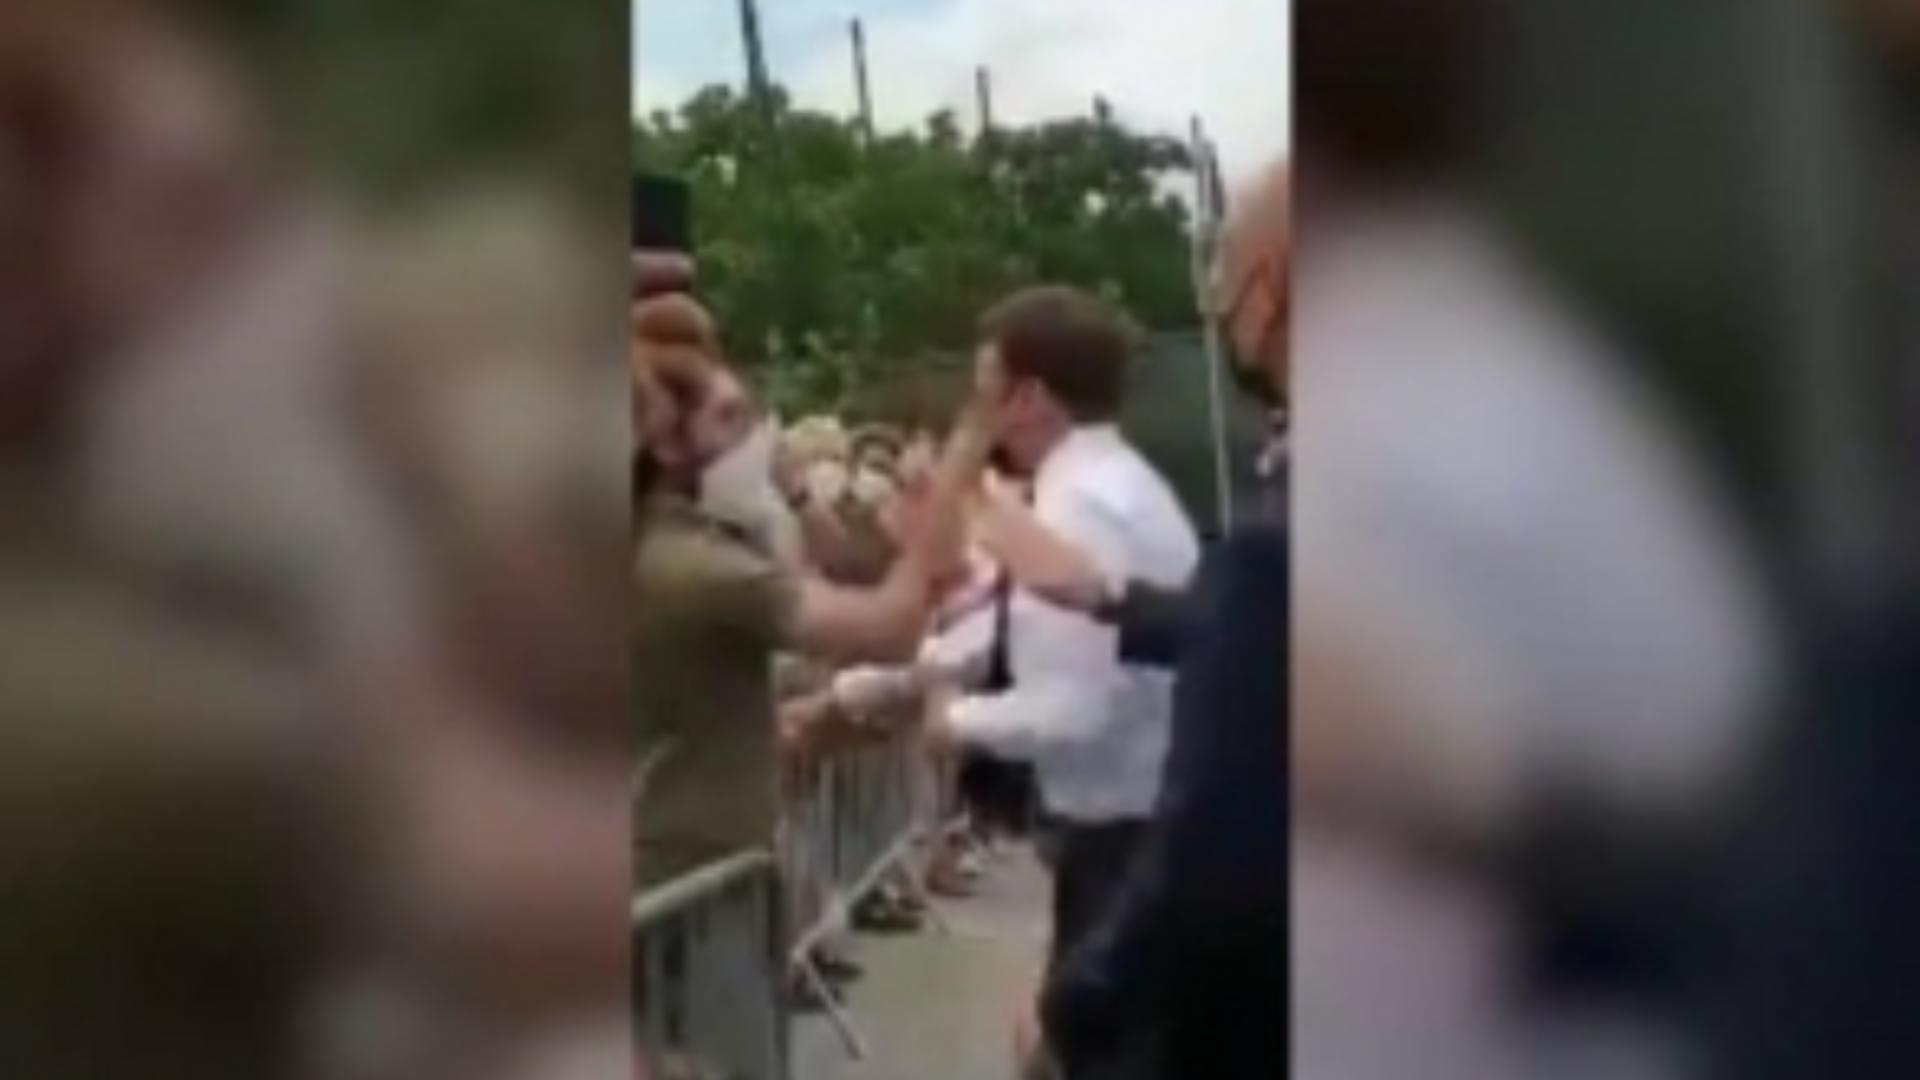 Momentul în care Emmaneul Macron este lovit de un bărbat din multime (captura video BFM TV)